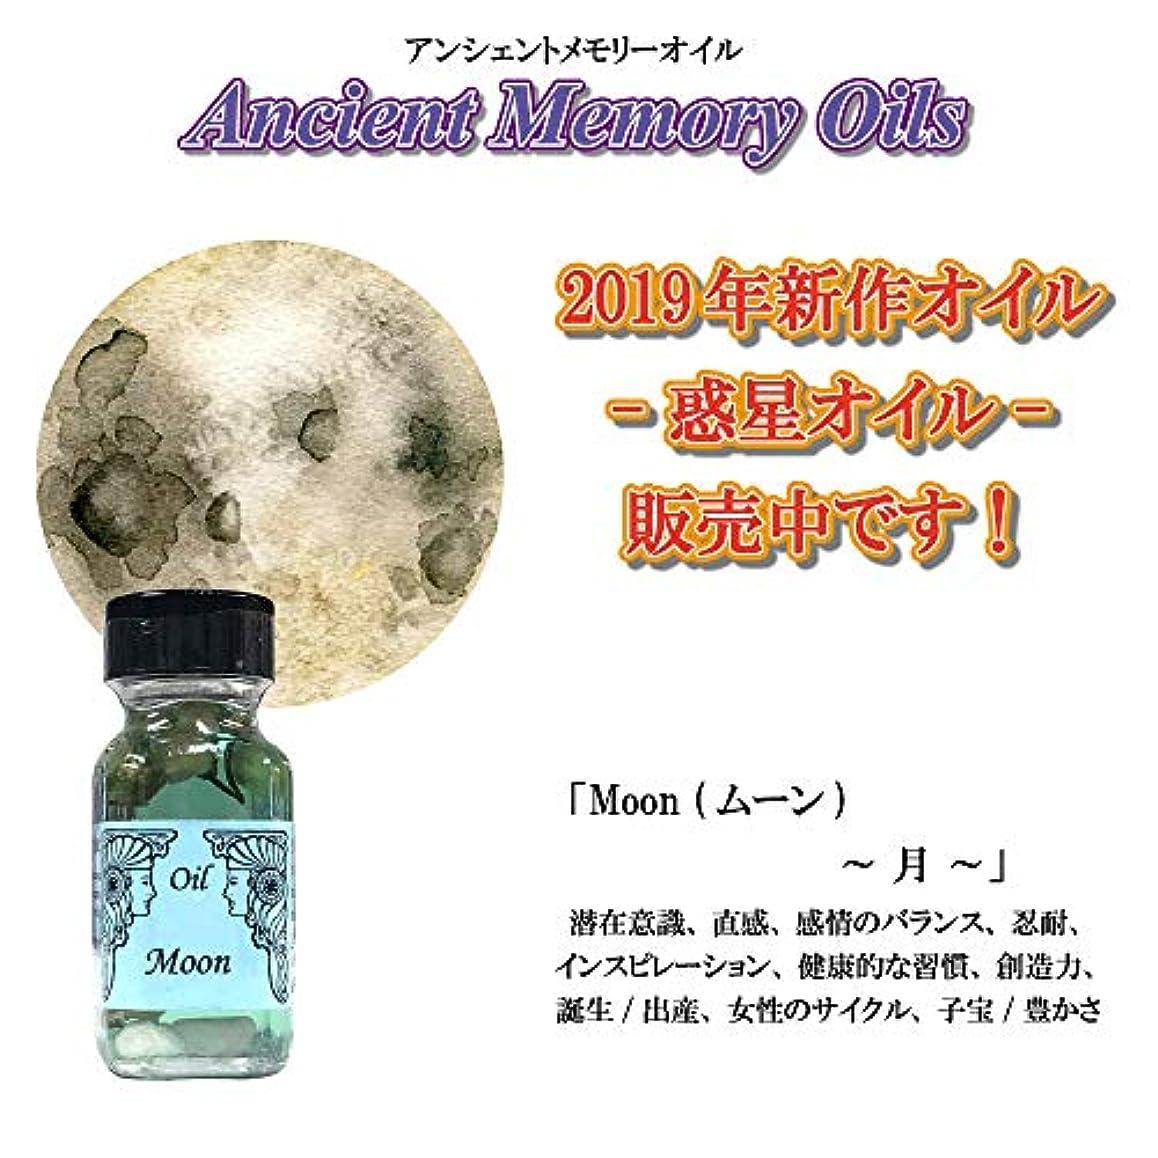 膨張する最後の近代化SEDONA Ancient Memory Oils セドナ アンシェントメモリーオイル 惑星オイル Moon 月 ムーン 15ml